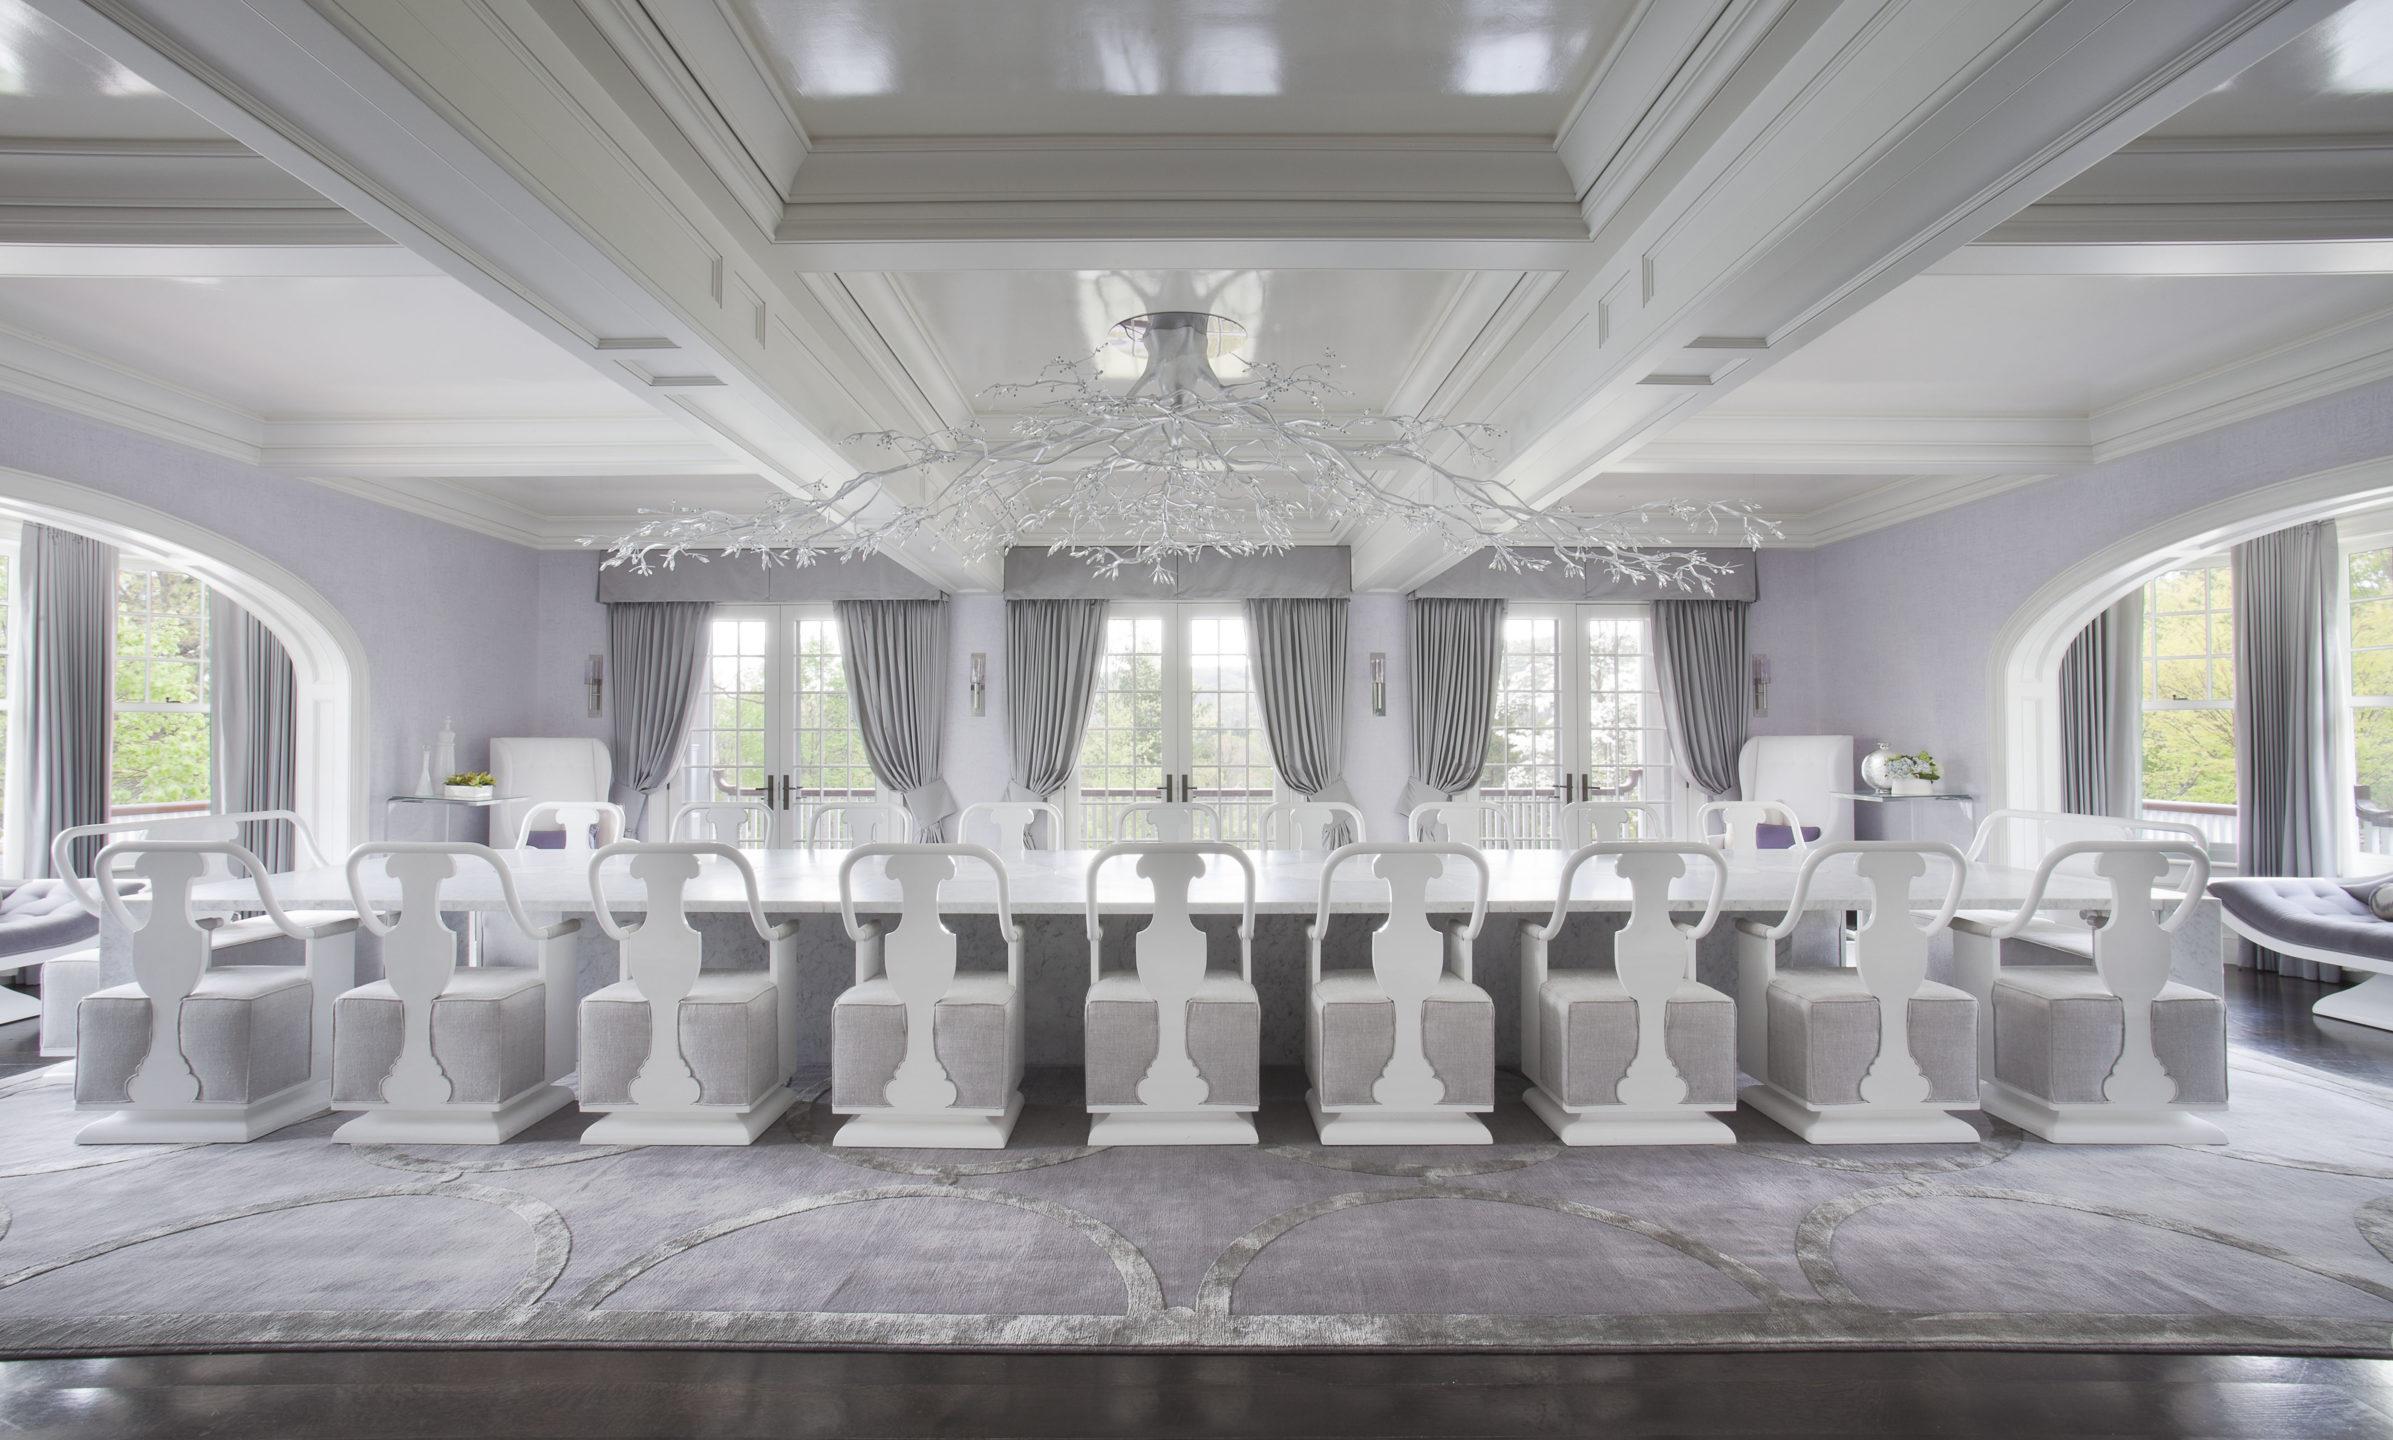 Grand-white-dining-room-nicole-fuller